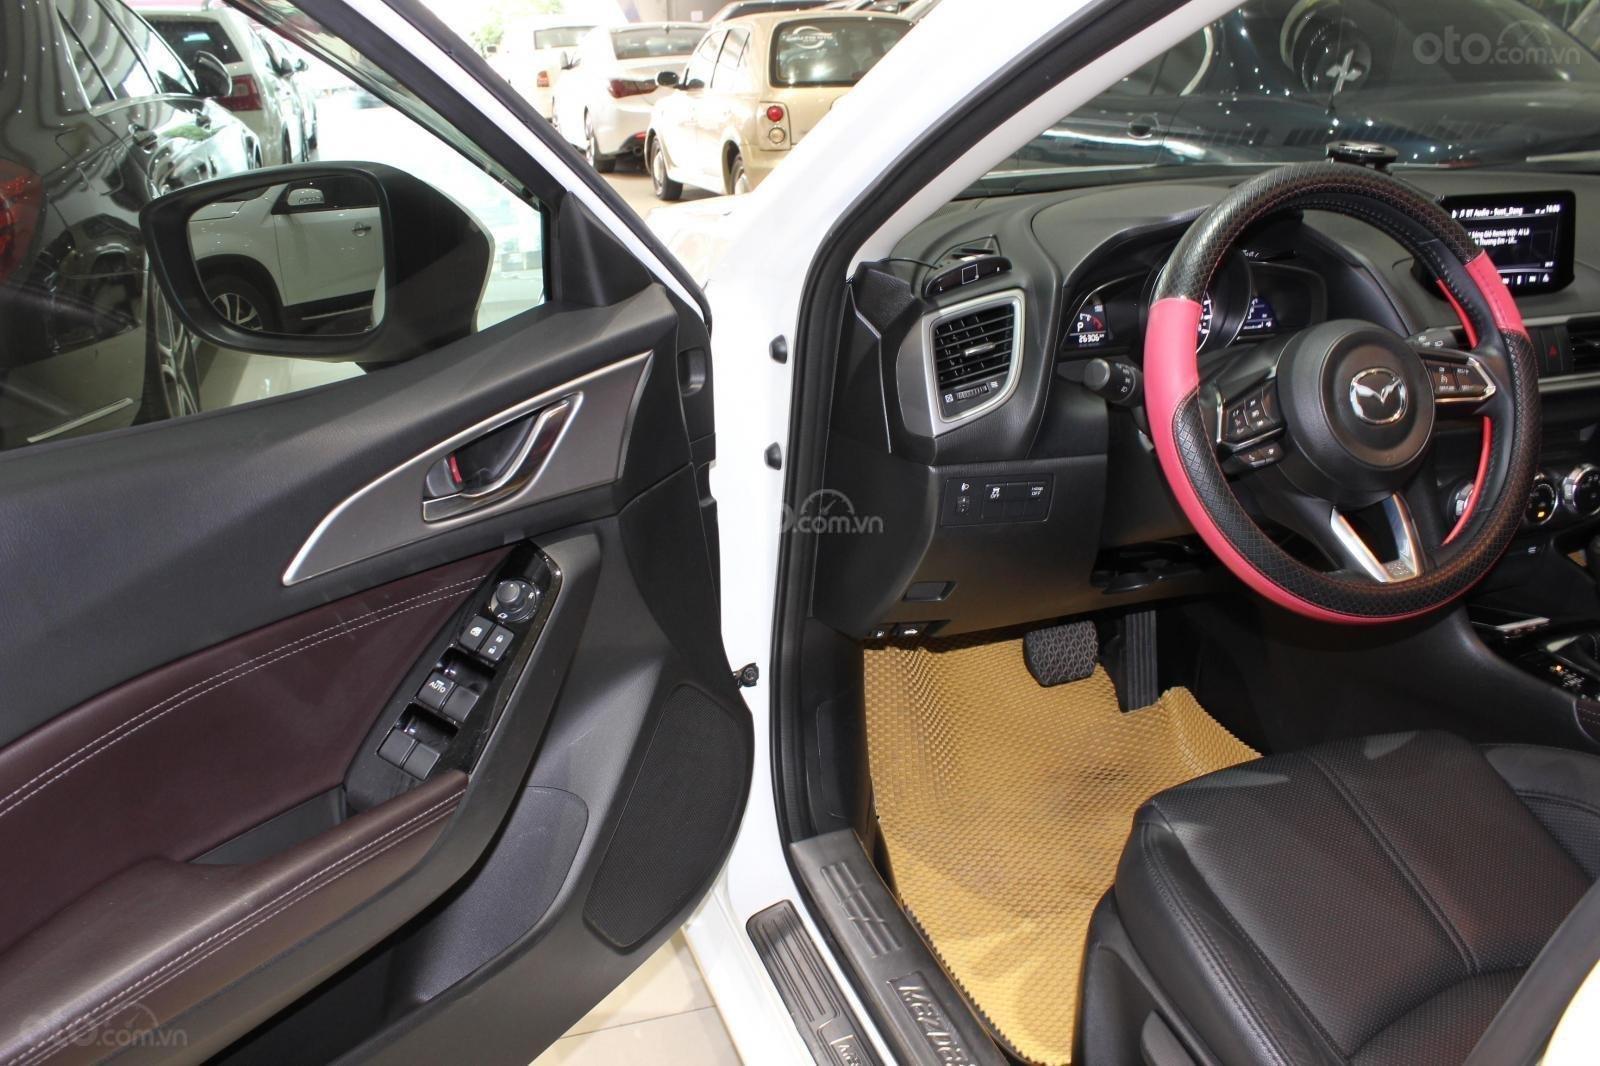 Chính chủ cần bán Mazda 3 2017 bản hatchback màu trắng, số tự động, full option (10)